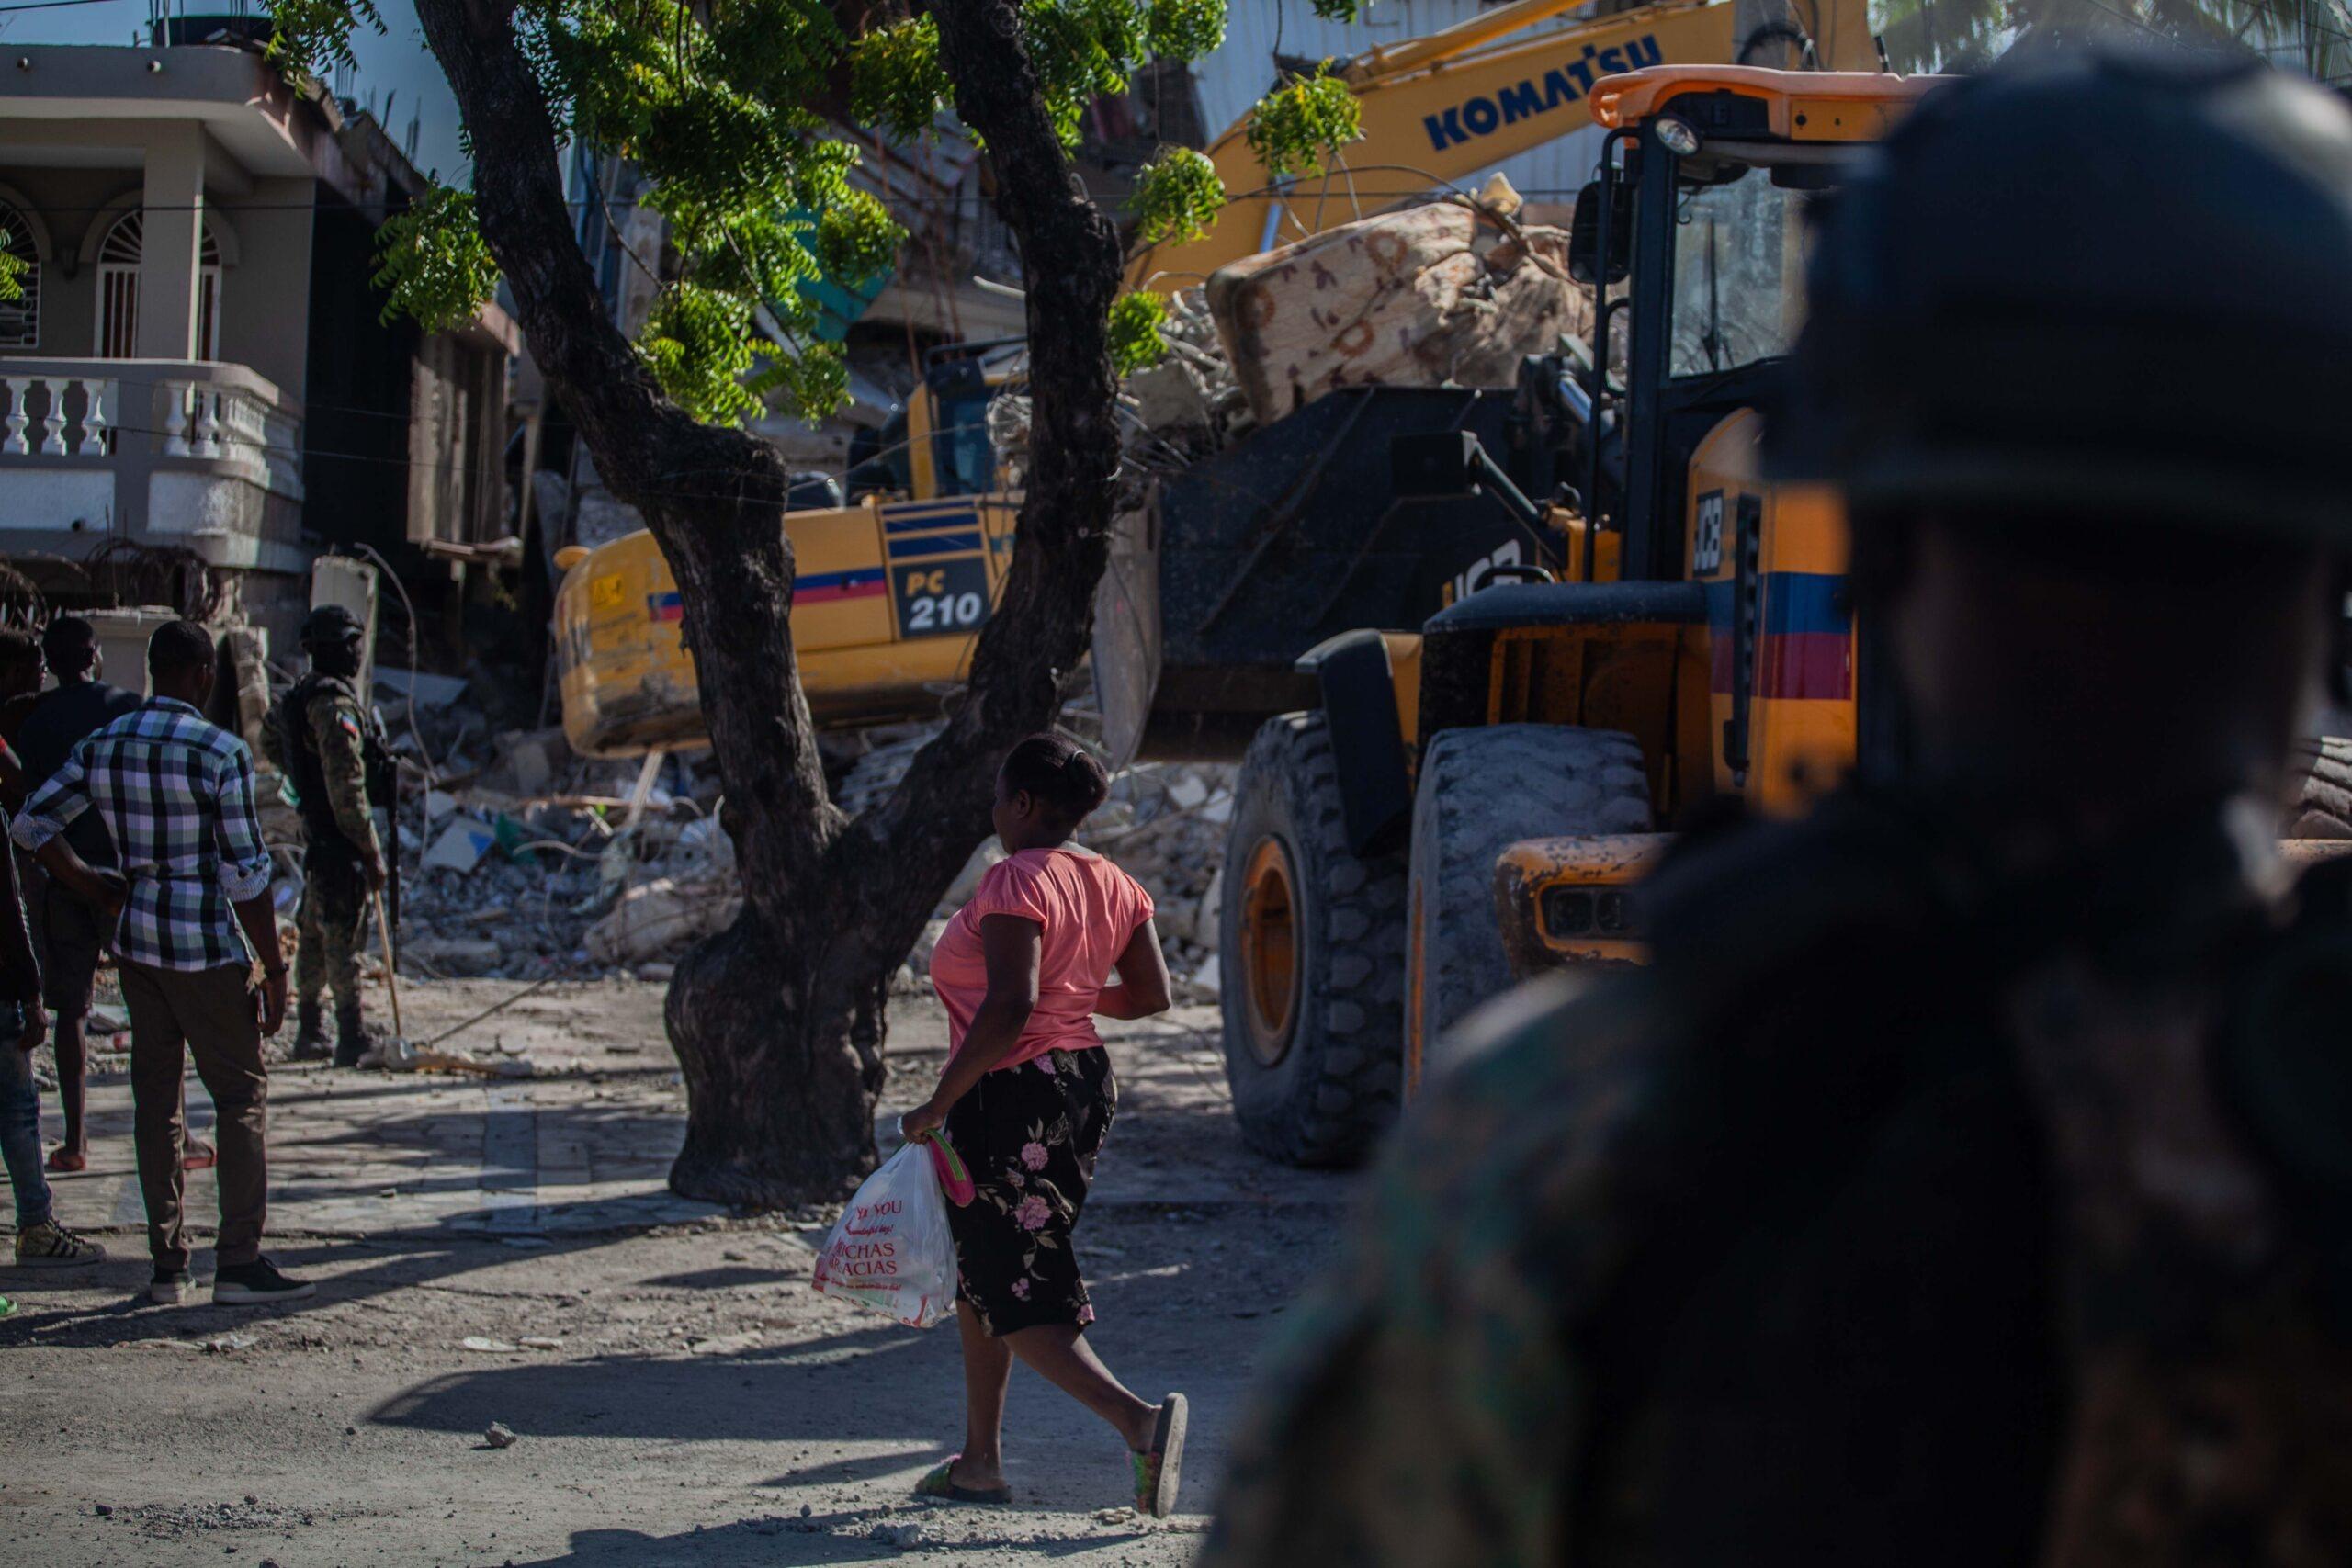 Séisme: 15 millions de dollars pour répondre aux besoins urgents de 385 000 victimes, estime l'UNICEF